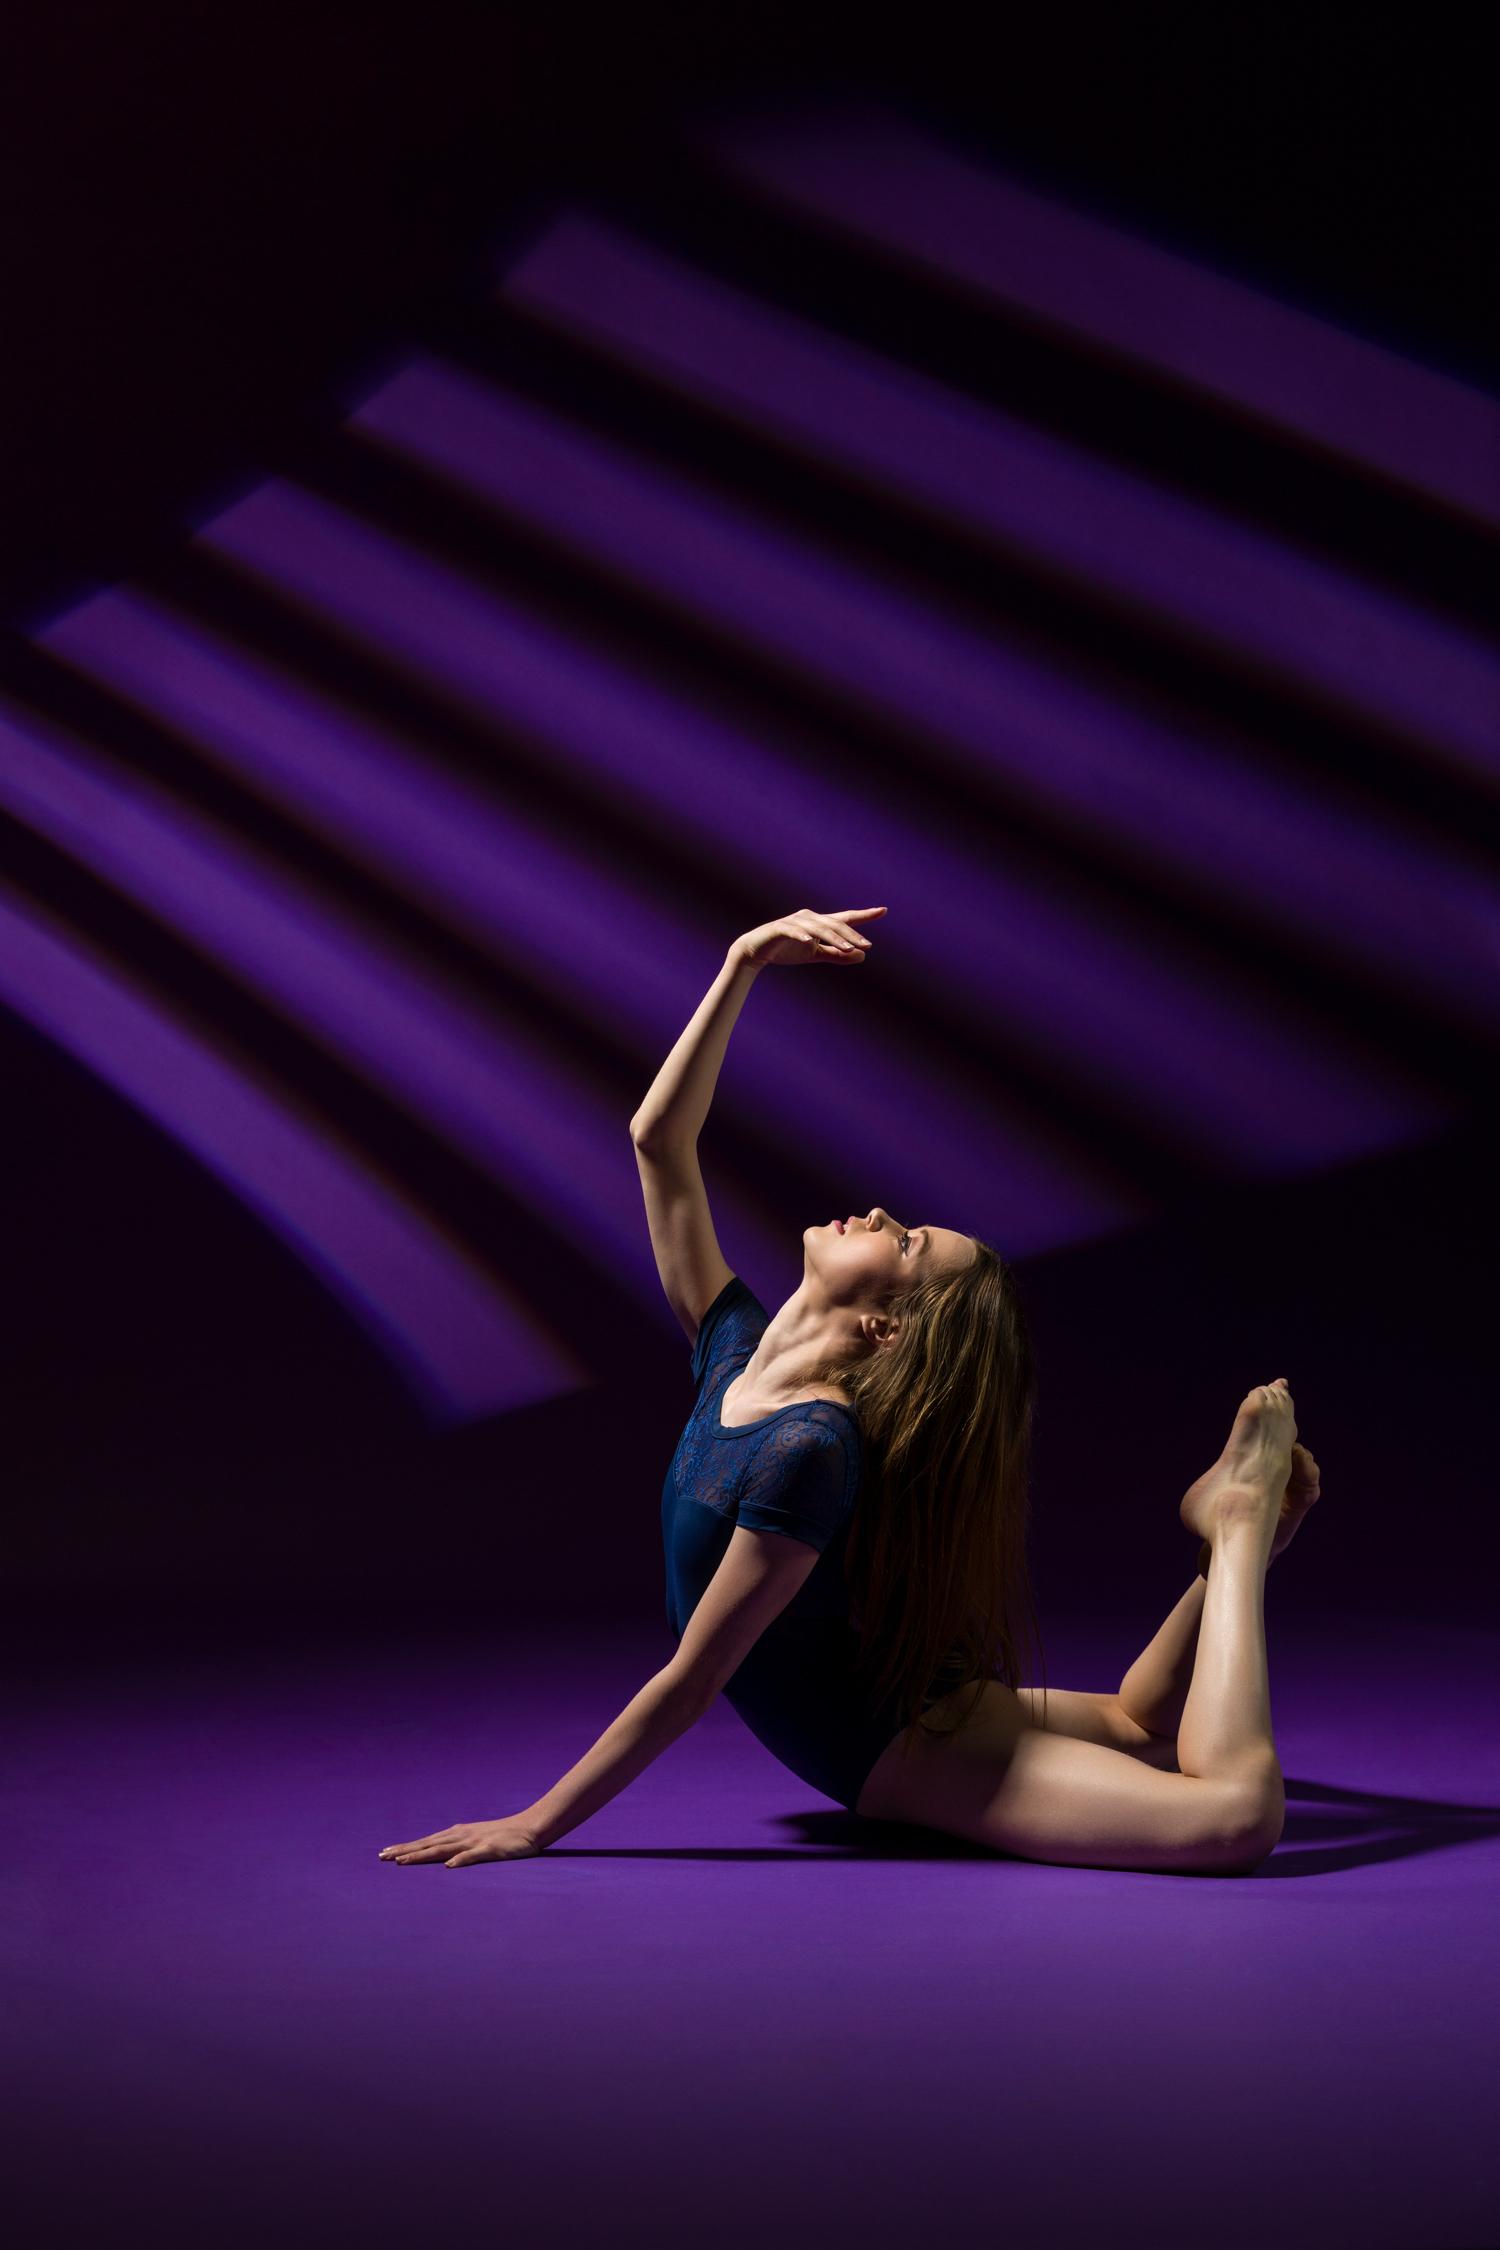 0236 Amy Van Weert Dance Shoot 2.jpg